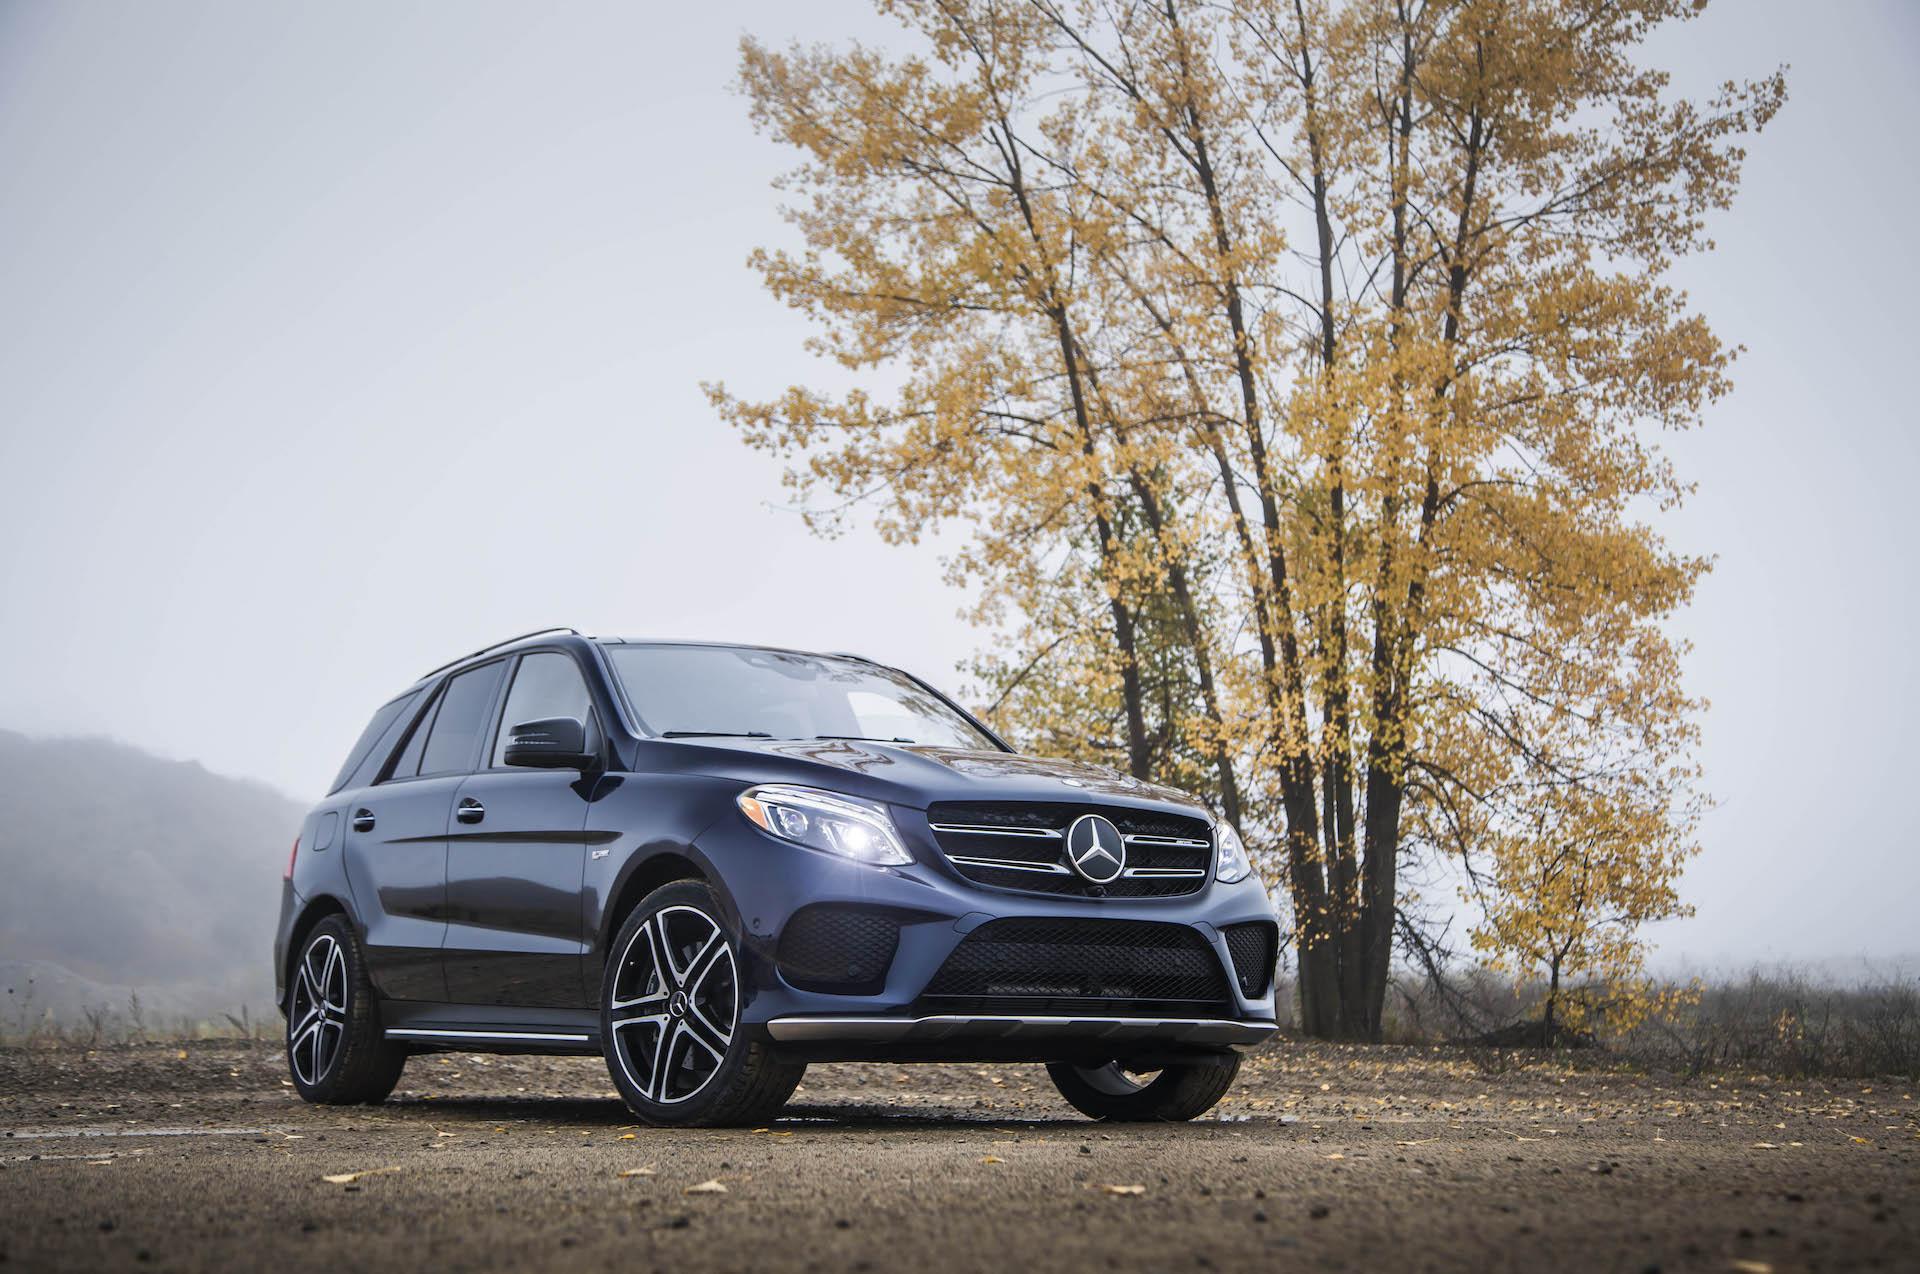 2019 Mercedes-Benz GLE-Class